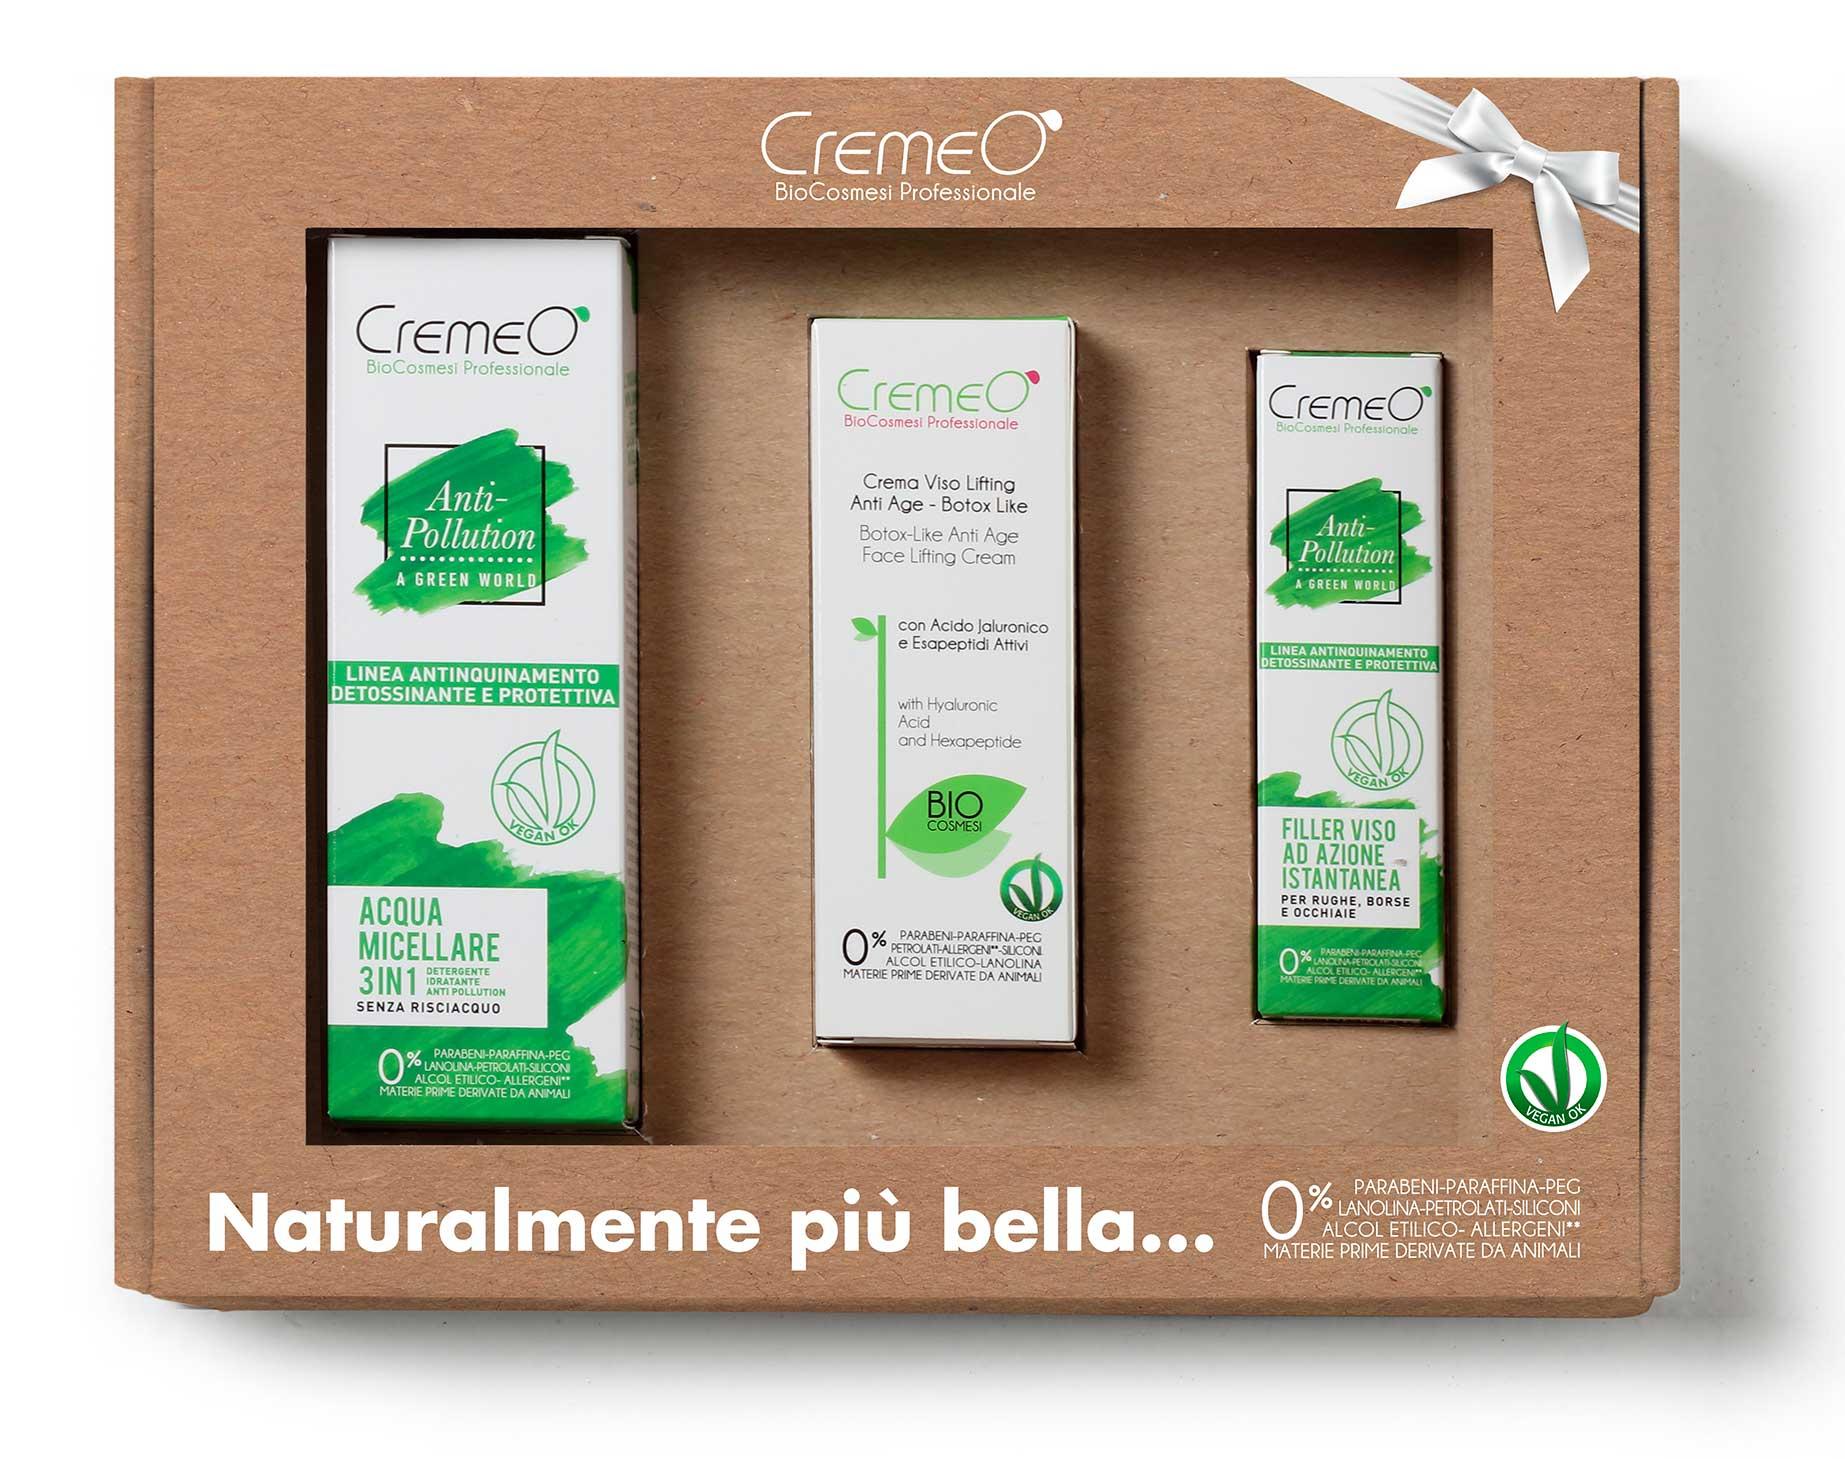 Cofanetto Viso Cremeo' con Acqua Micellare 3in1, Filler Instant Lifting e Crema Lifting Anti Age Botox Like